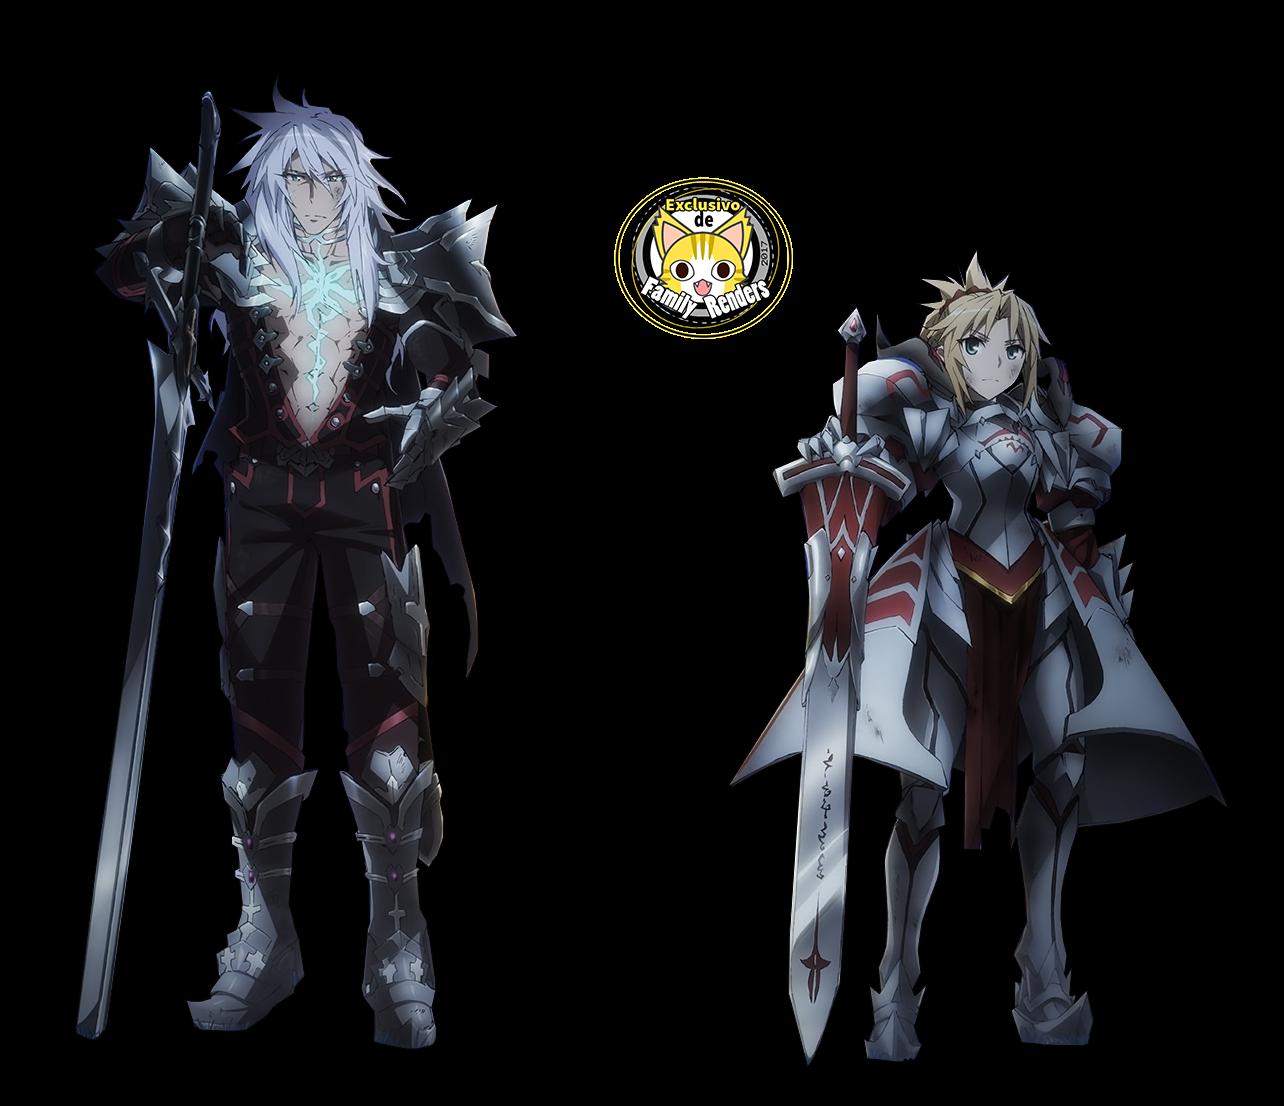 render  Mordred (Saber of Red)  +  Siegfried (Saber of Black)